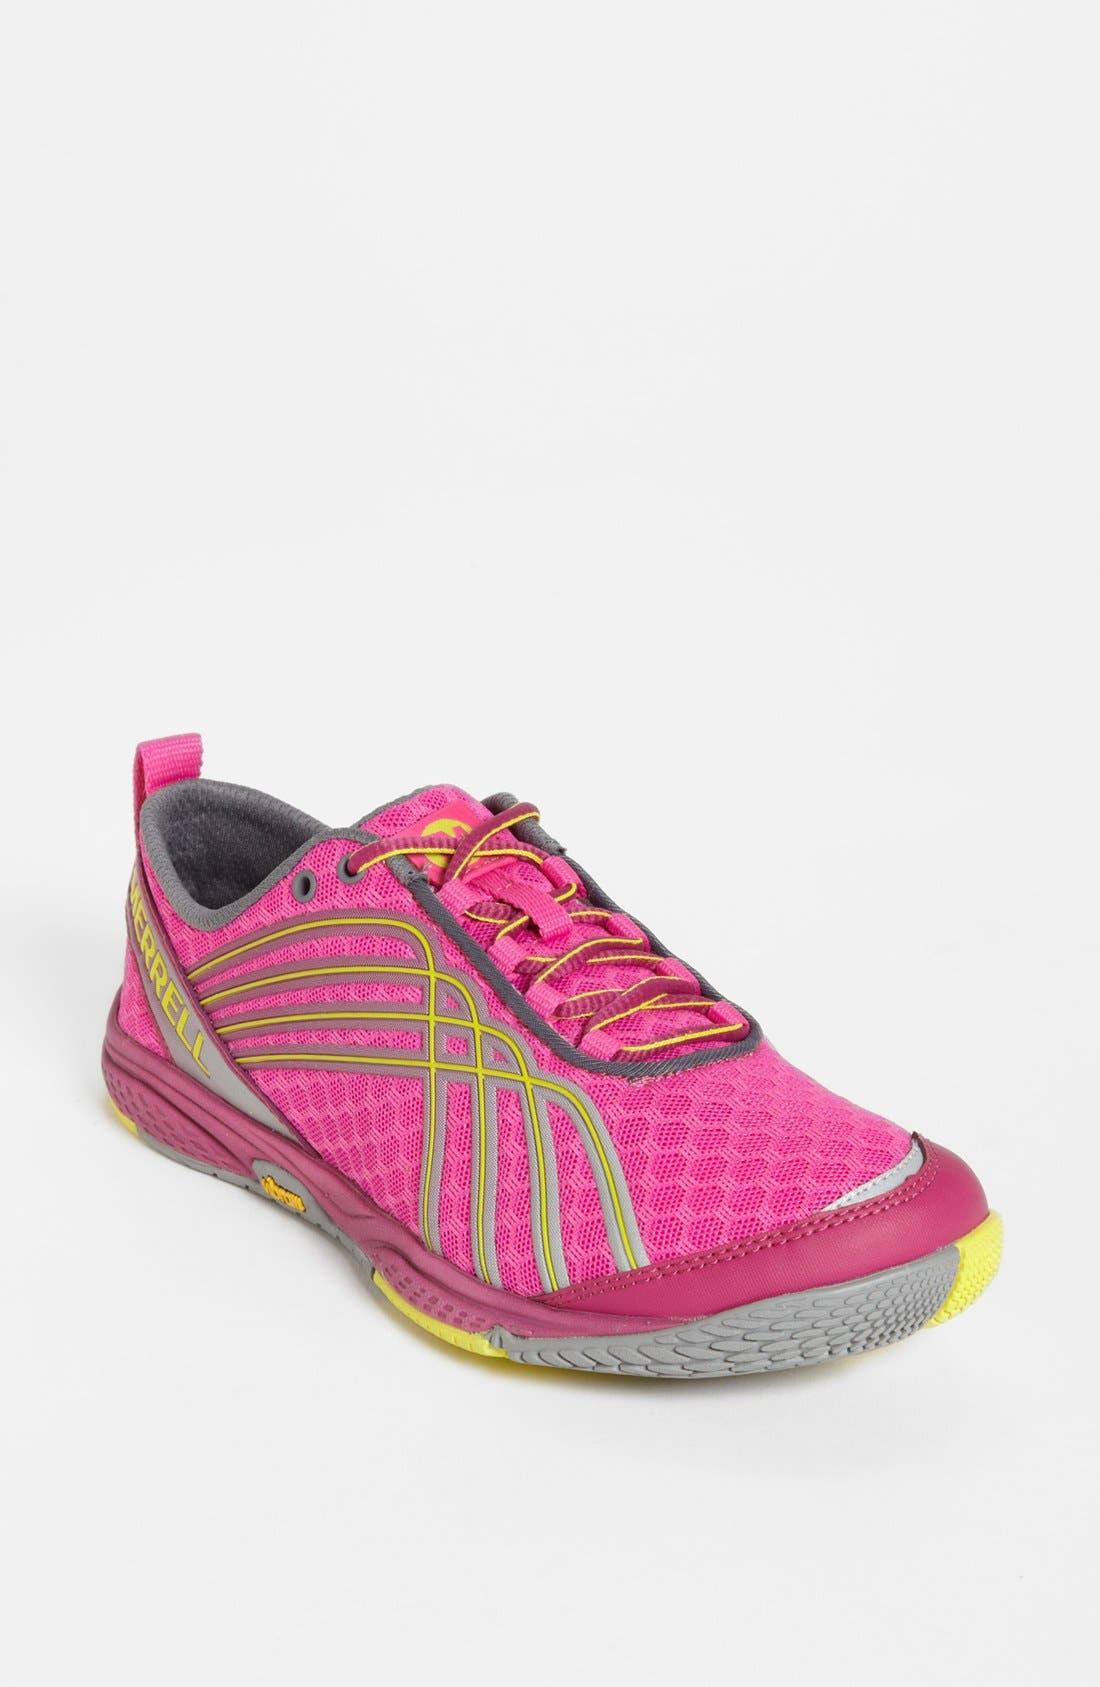 Main Image - Merrell 'Road Glove Dash 2' Lightweight Running Shoe